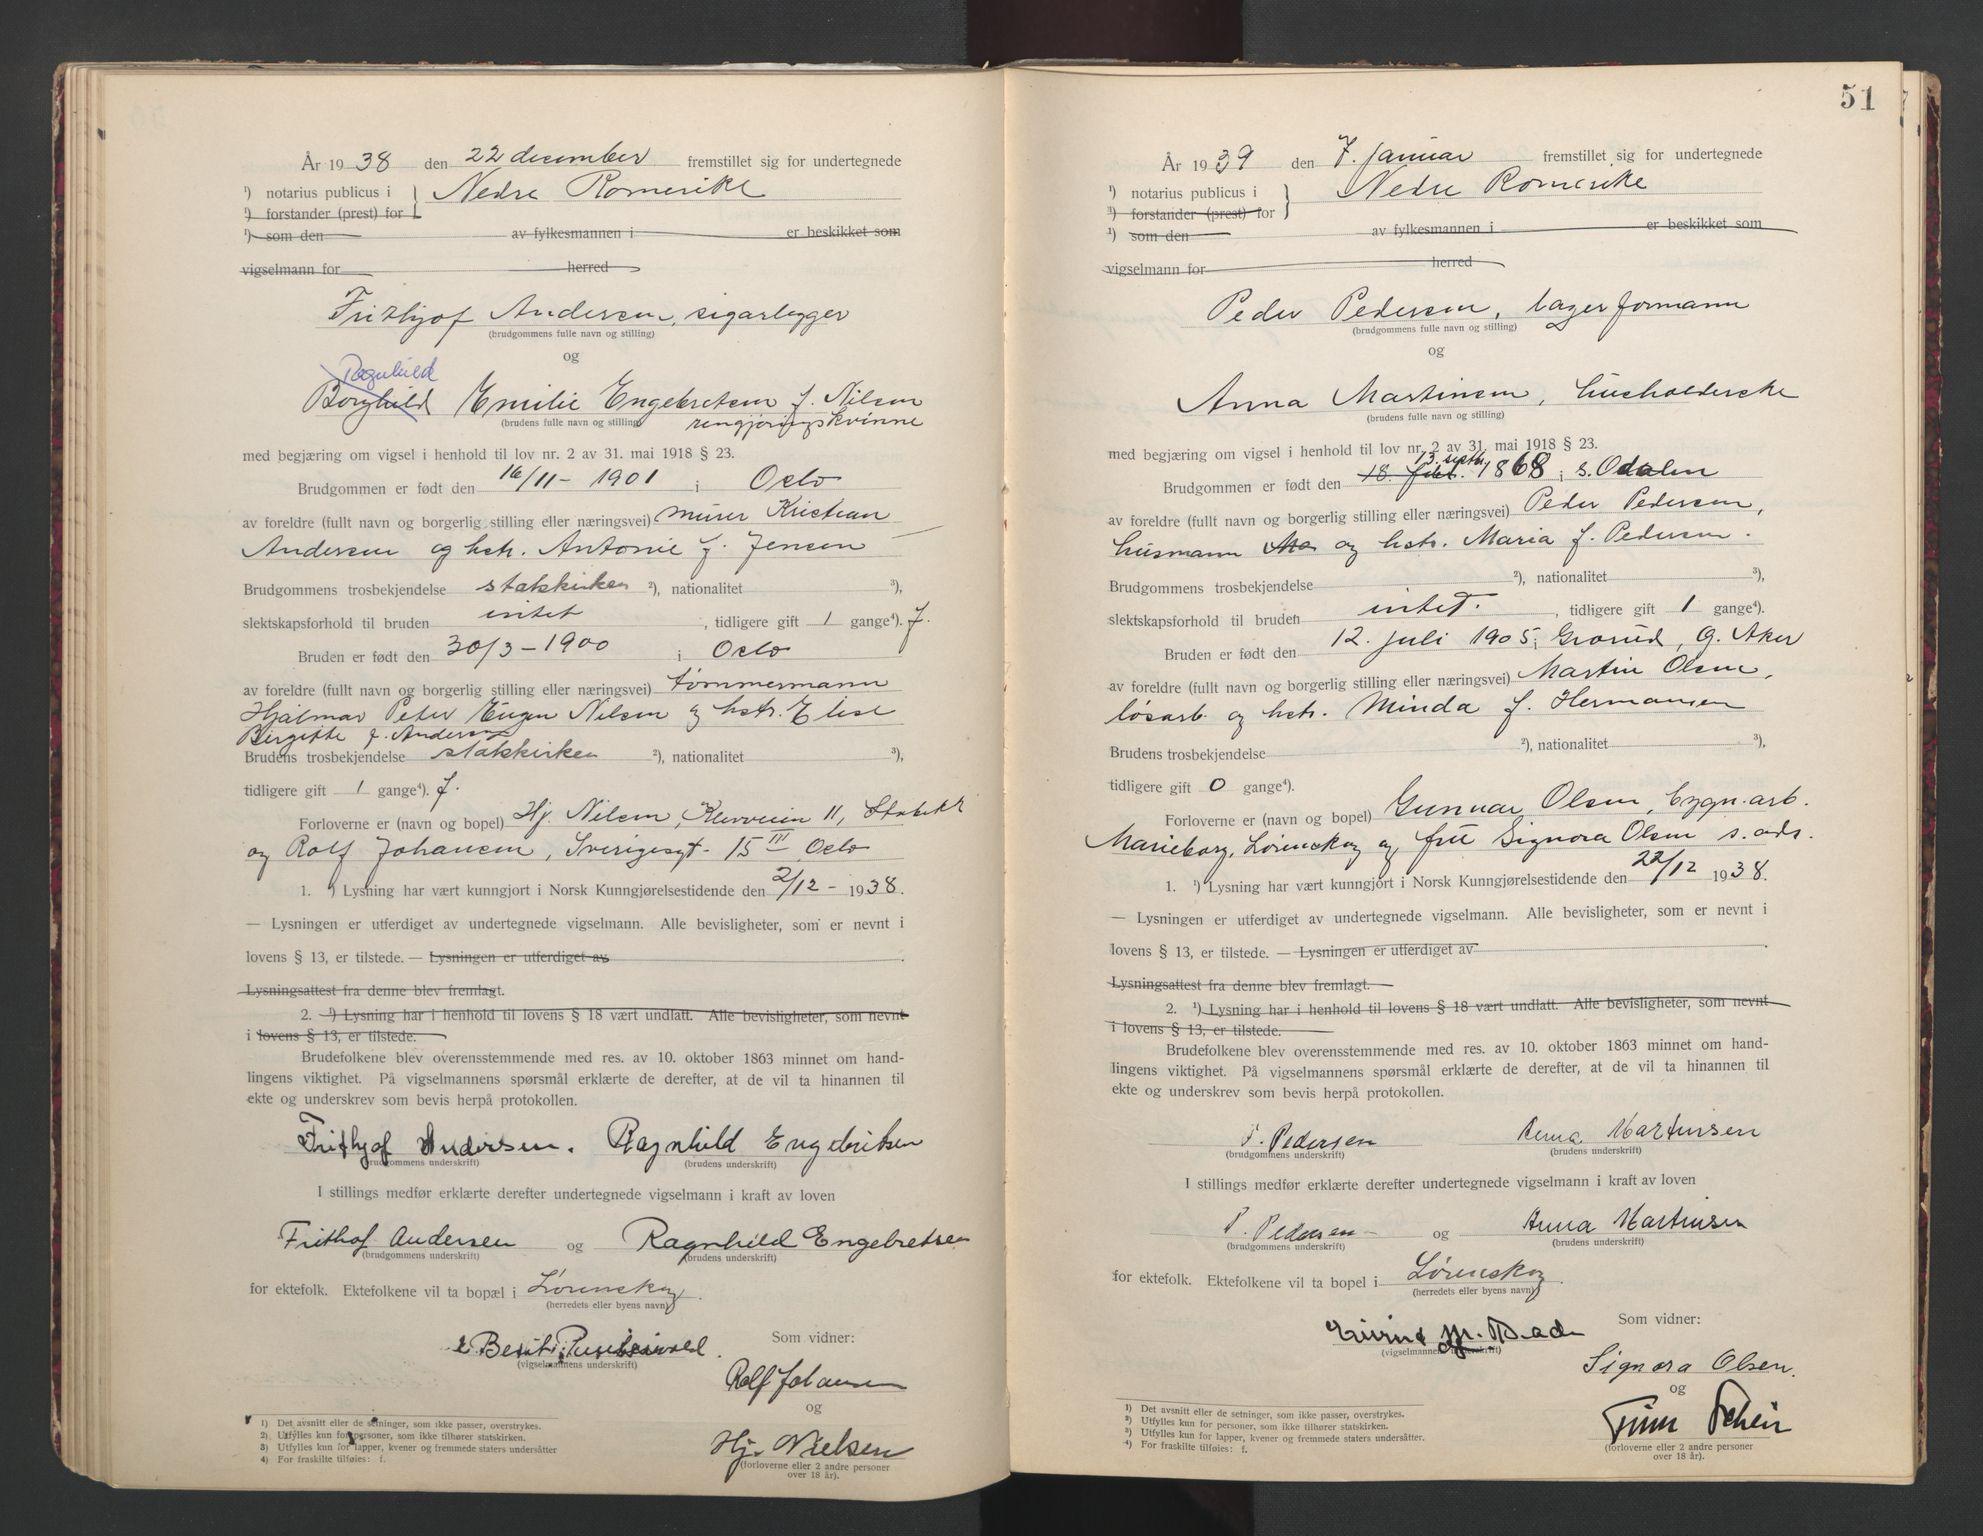 SAO, Nedre Romerike sorenskriveri, L/Lb/L0002: Vigselsbok - borgerlige vielser, 1935-1942, s. 51